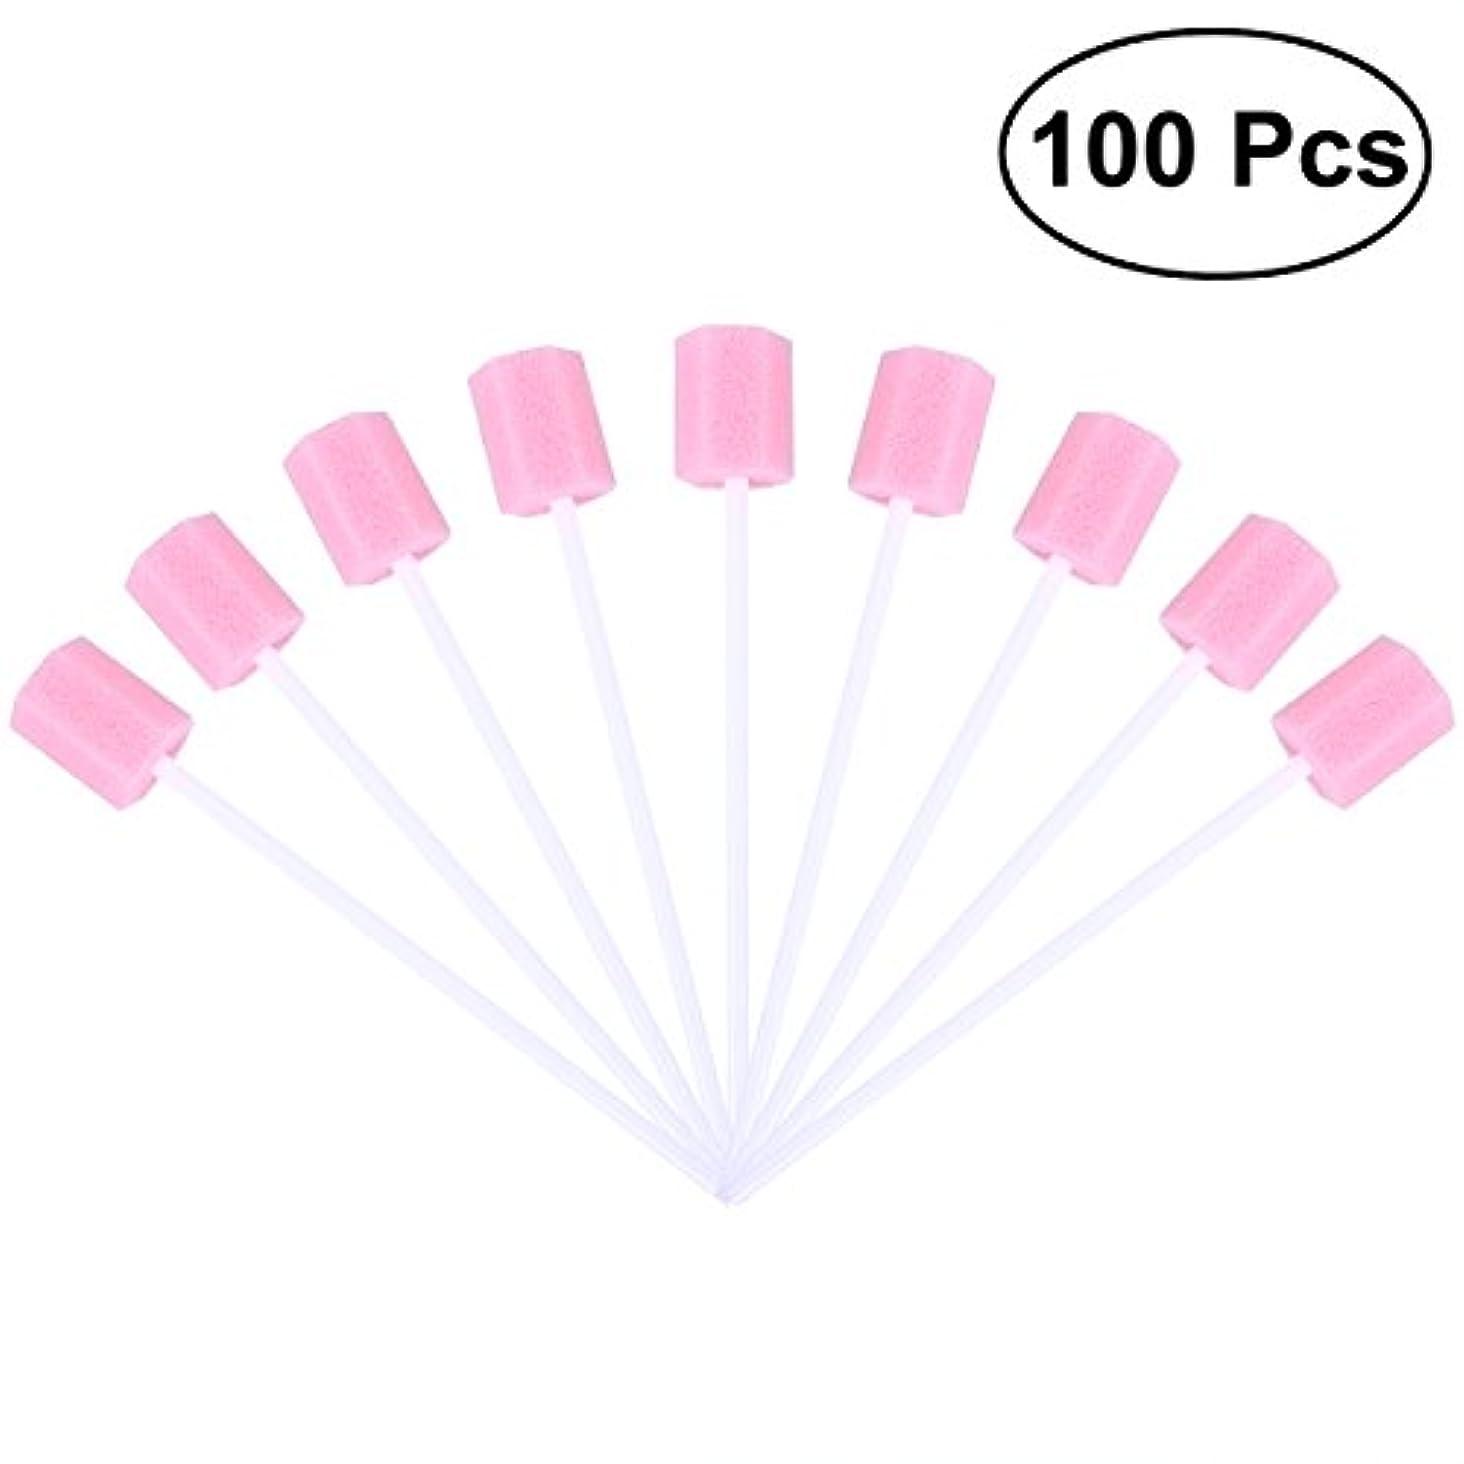 スライス結論定説ROSENICE 口内スポンジブラシ 使い捨て 口腔ケア 100枚(ピンク)